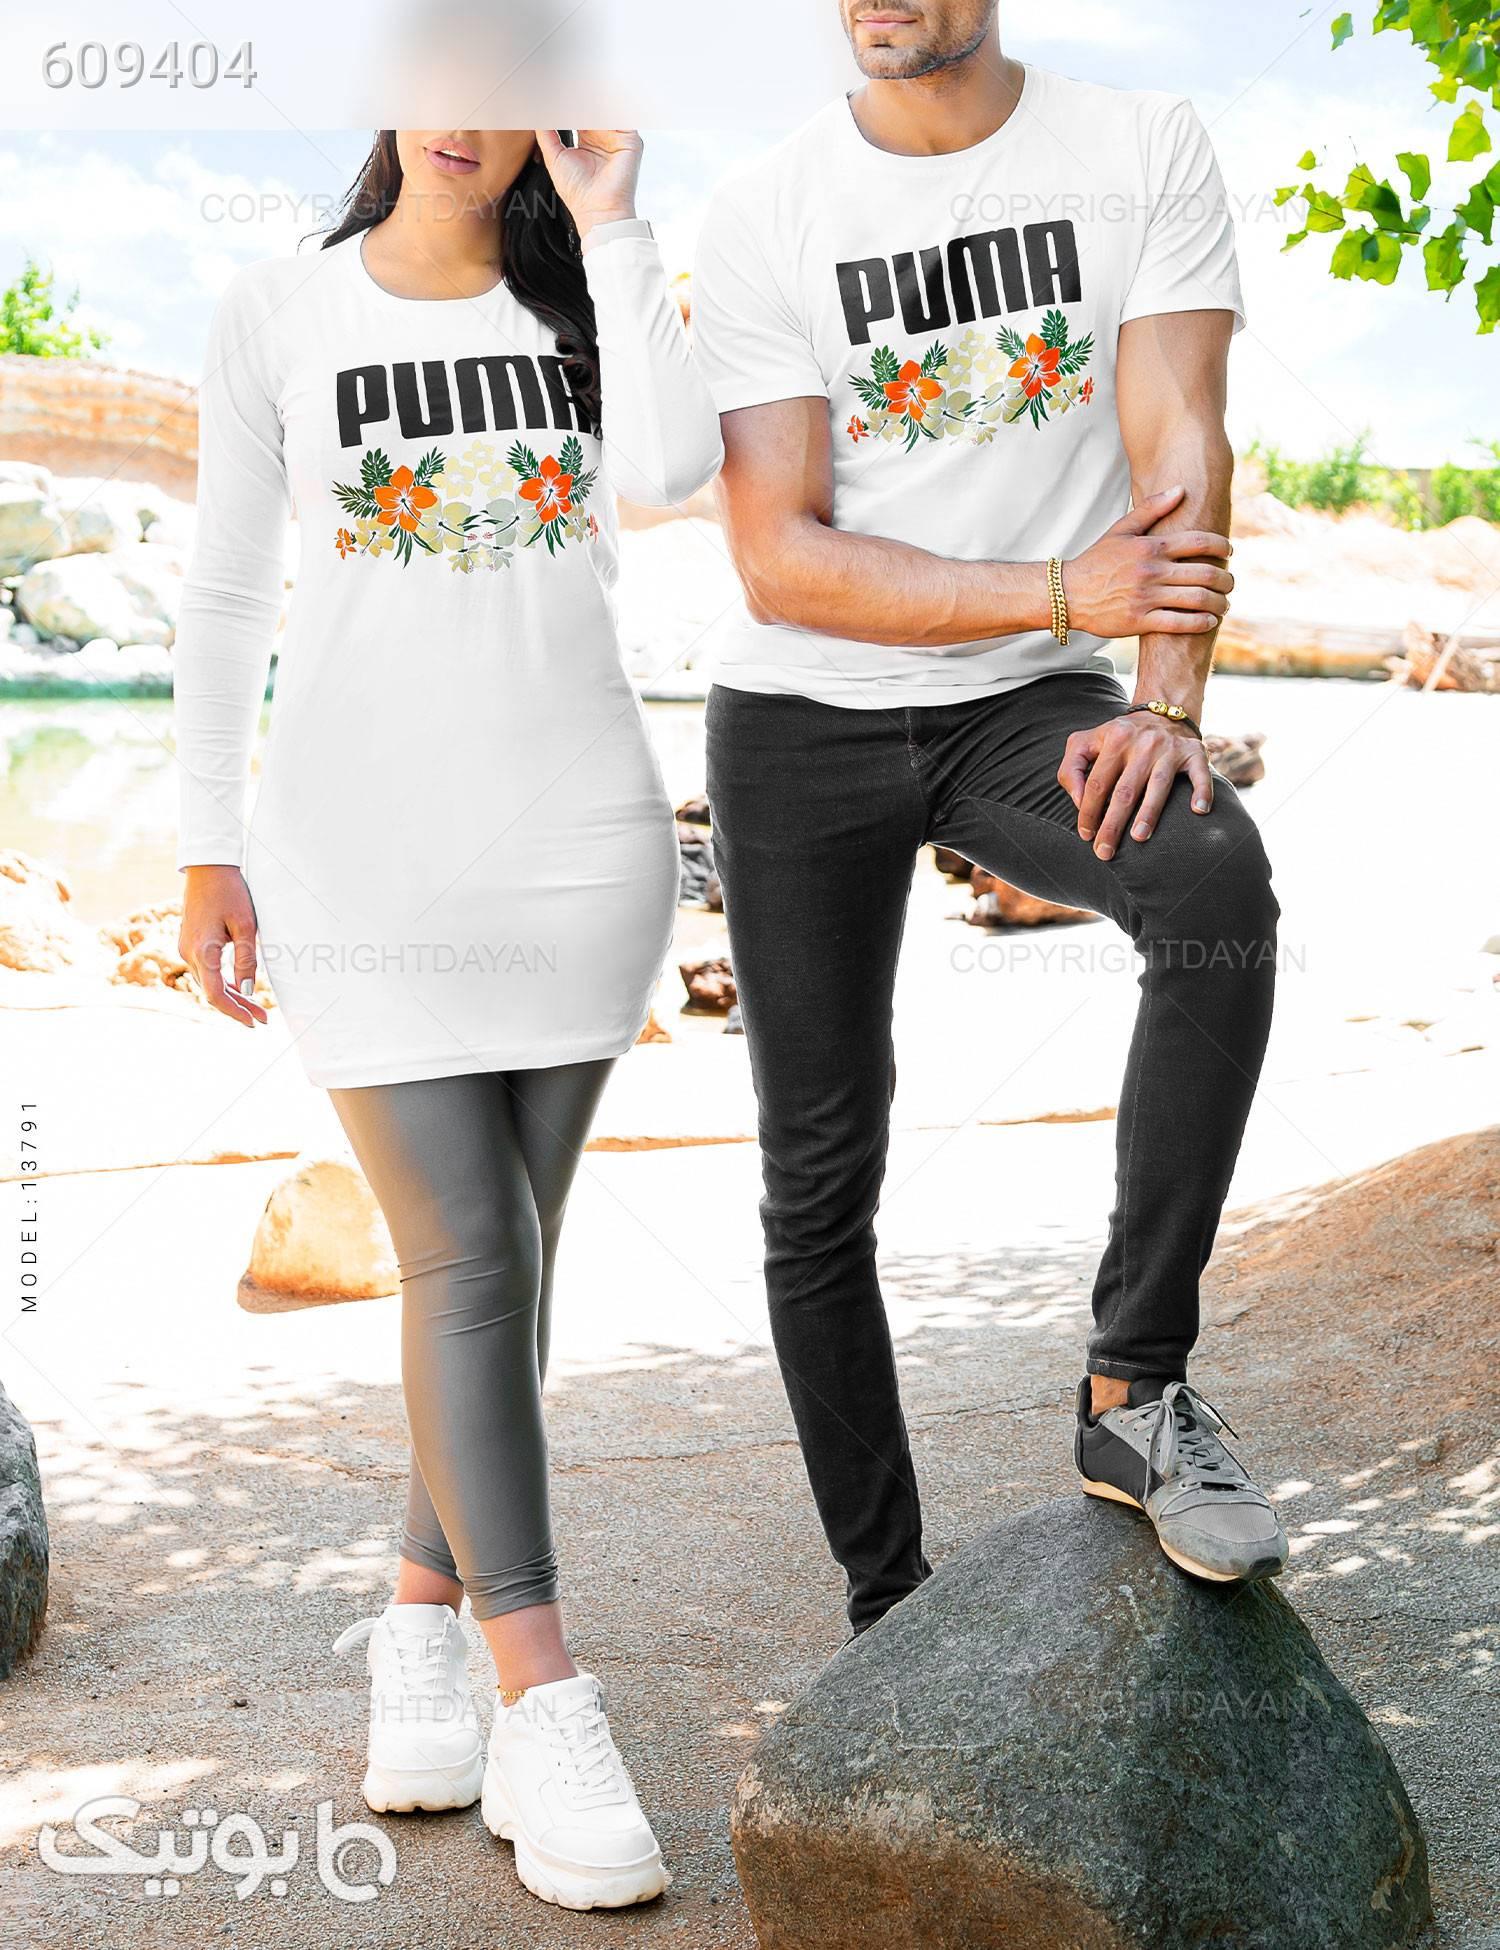 ست تیشرت و تونیک Puma سفید ست زوج و خانواده